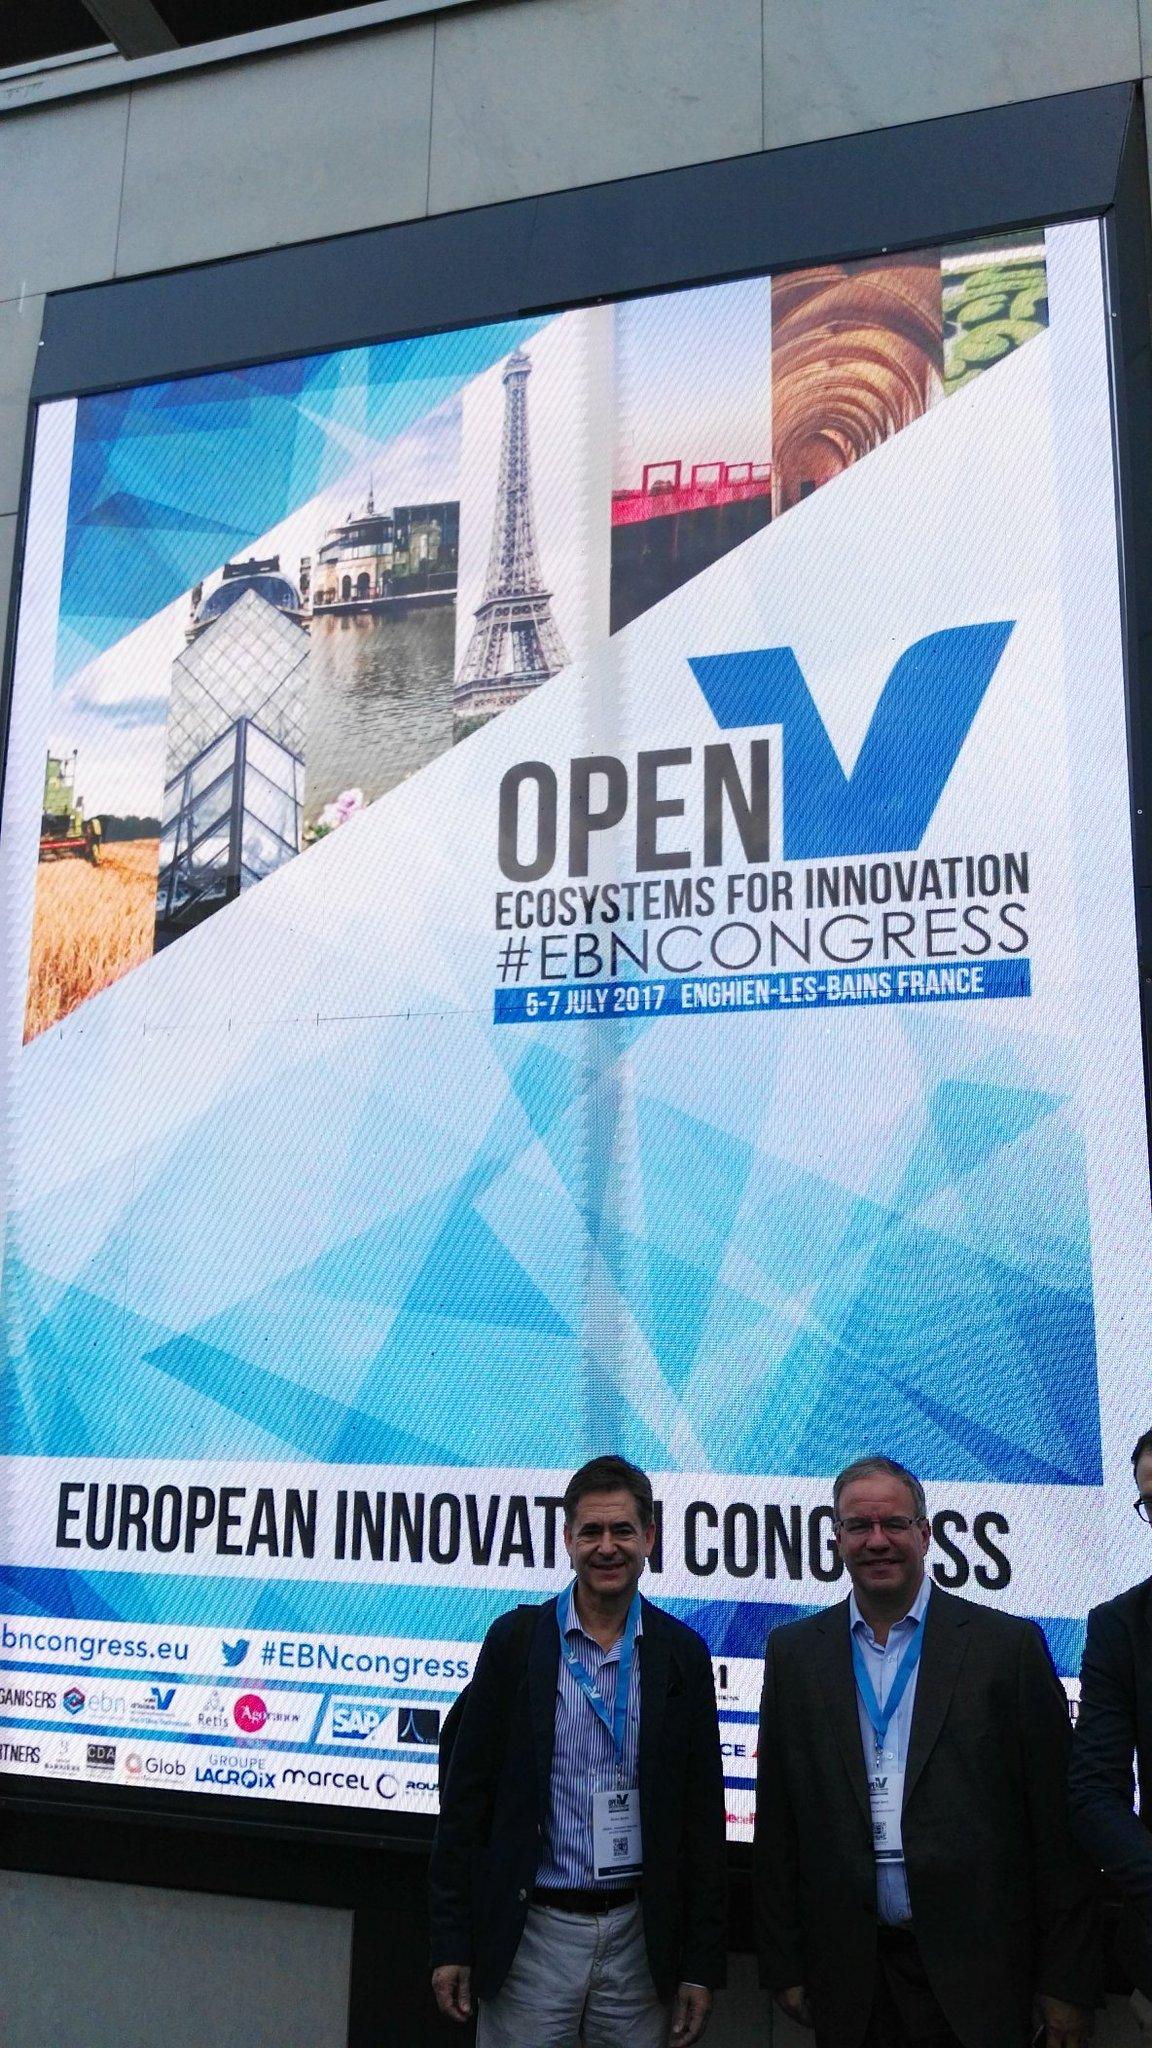 En el congreso anual de innovación en Paris EBN #EBNCONGRESS @BicEuronova @AncesSpain @EUBIC https://t.co/9tG3q4bdpu